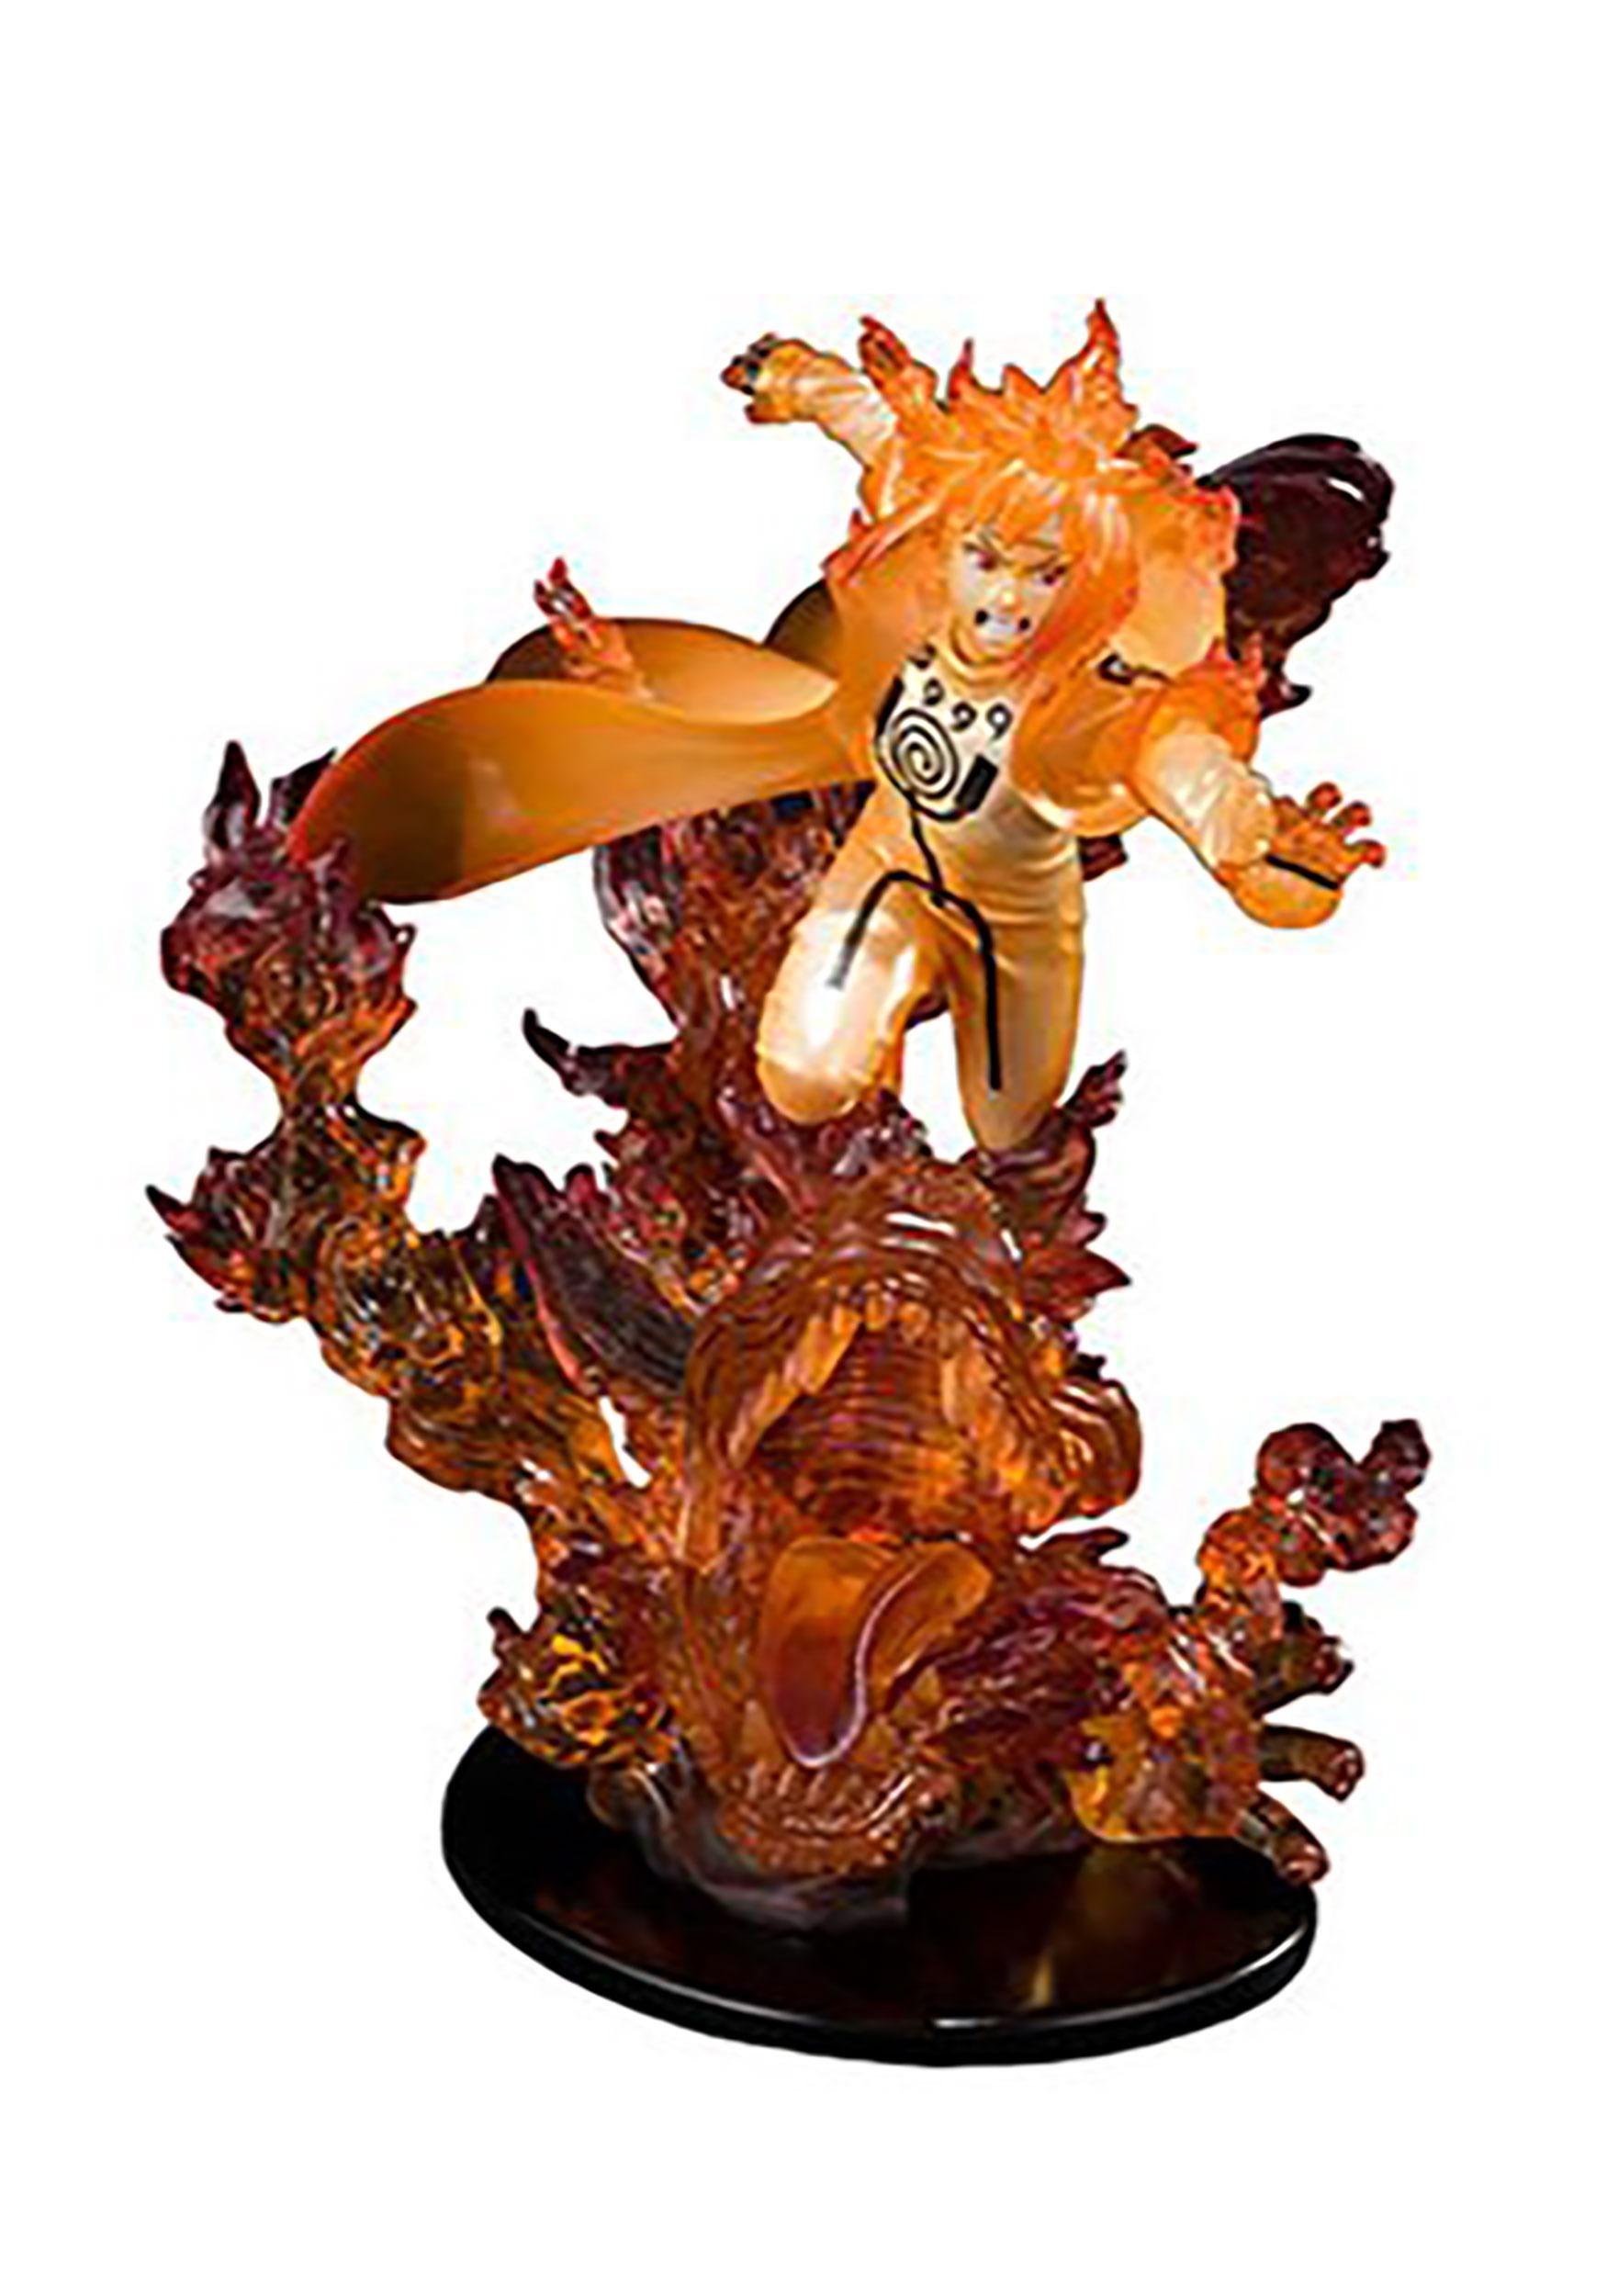 Naruto_Shippuden_Kizuna_Relation_Bandai_Minato_Statue